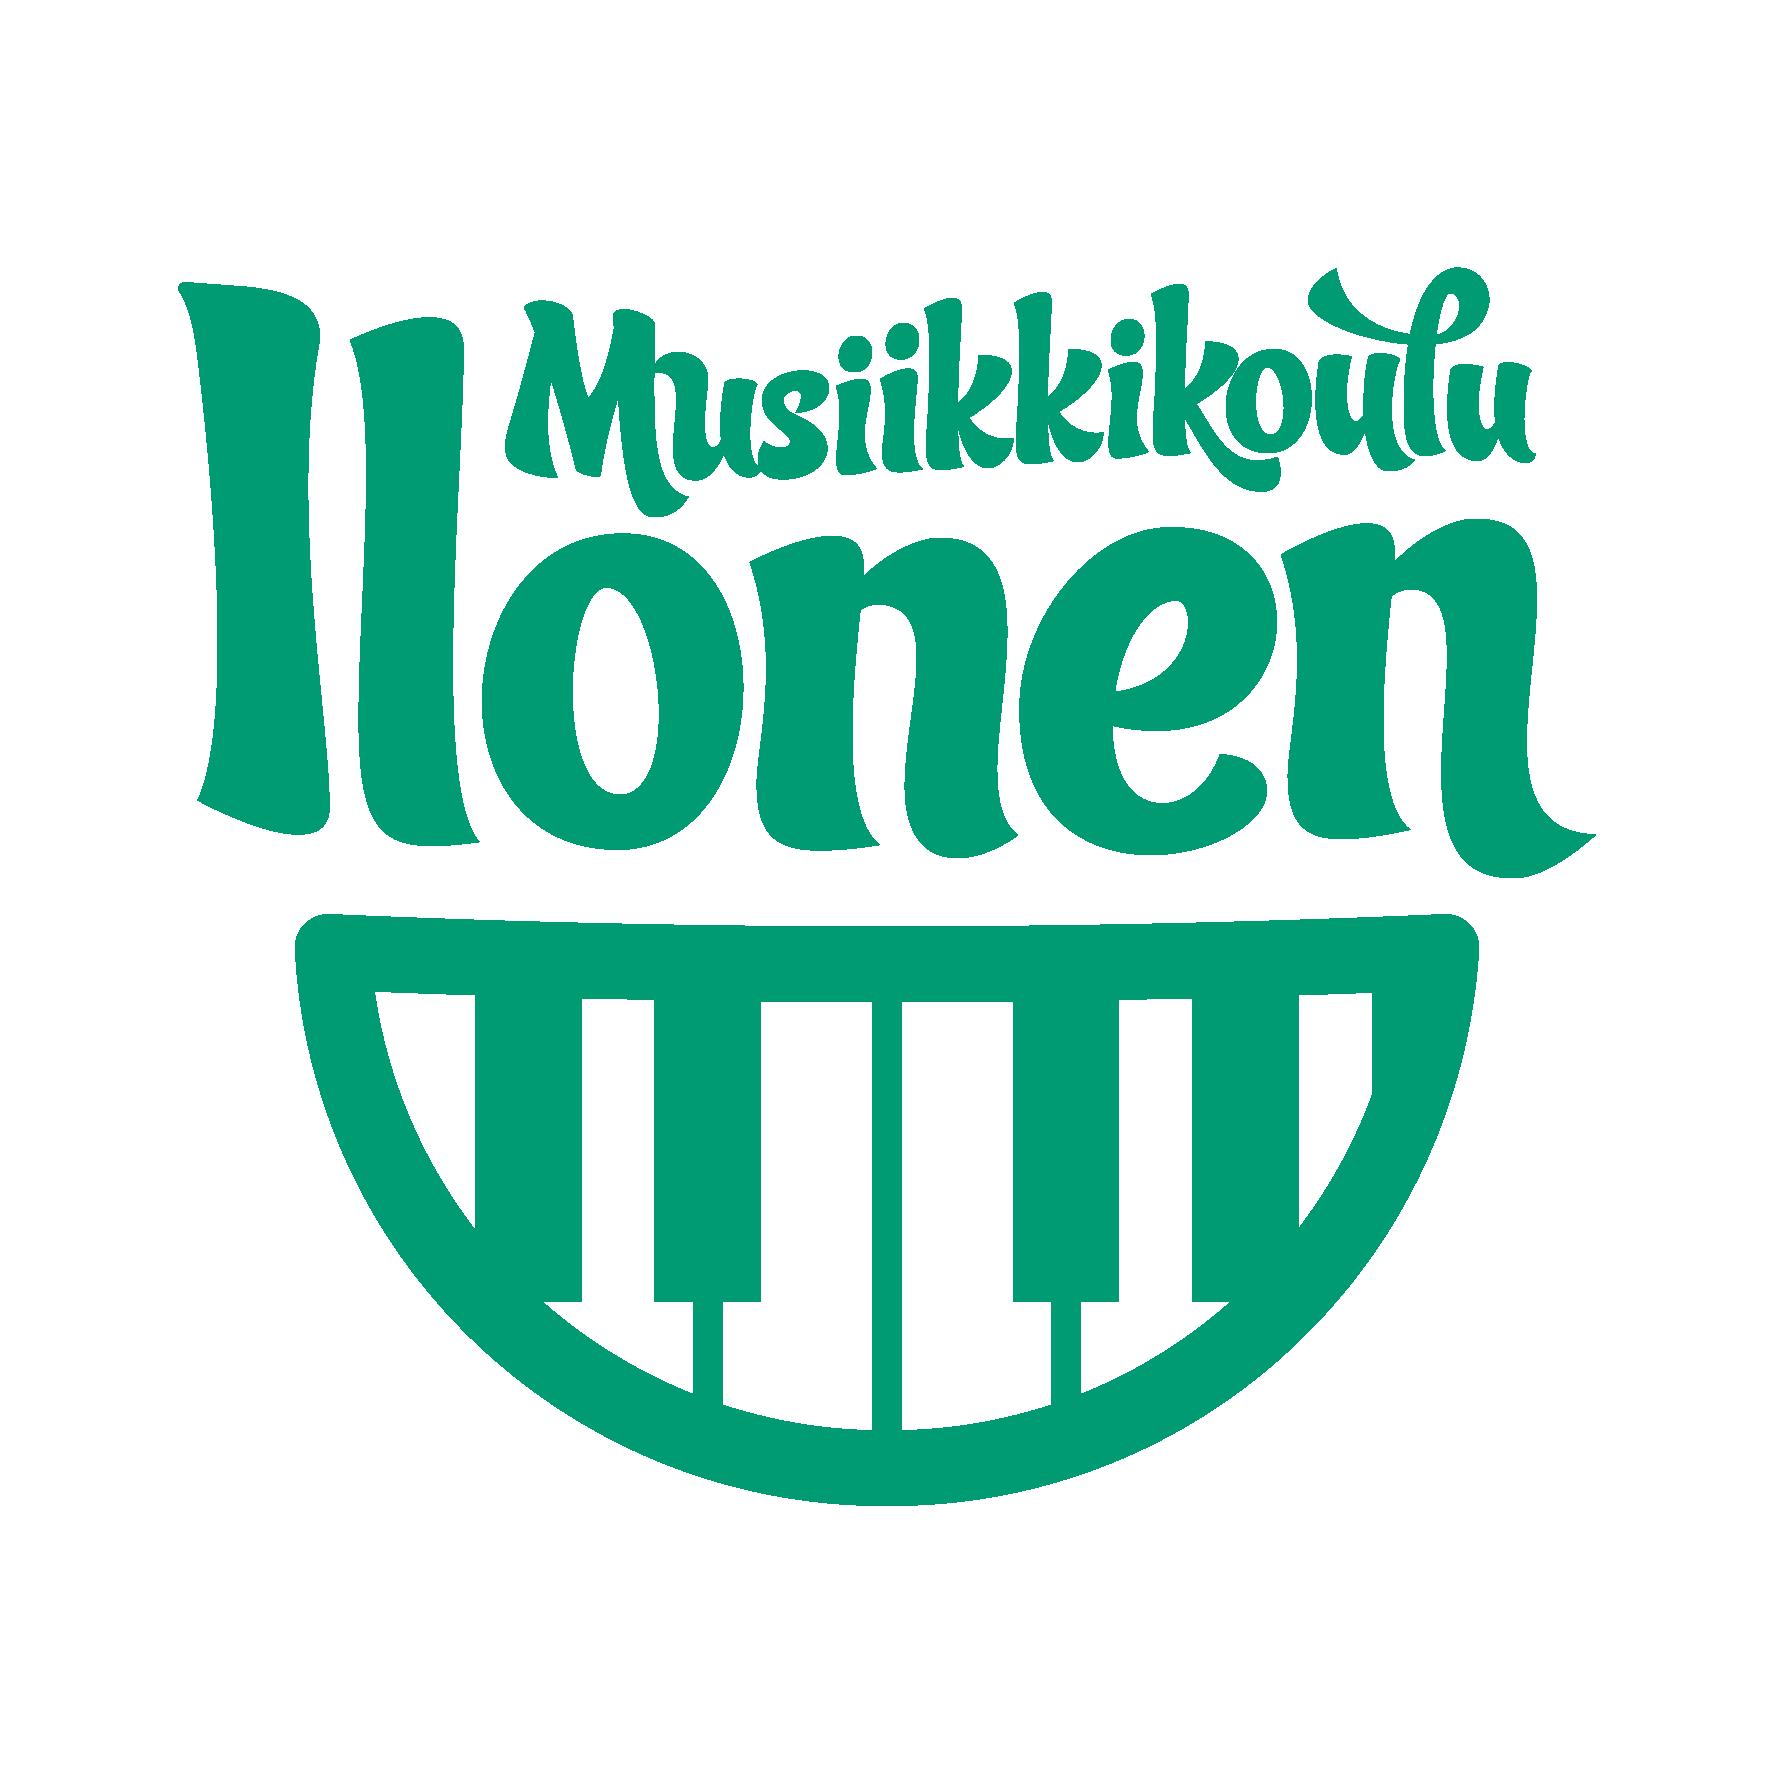 Musiikkikoulu Ilonen